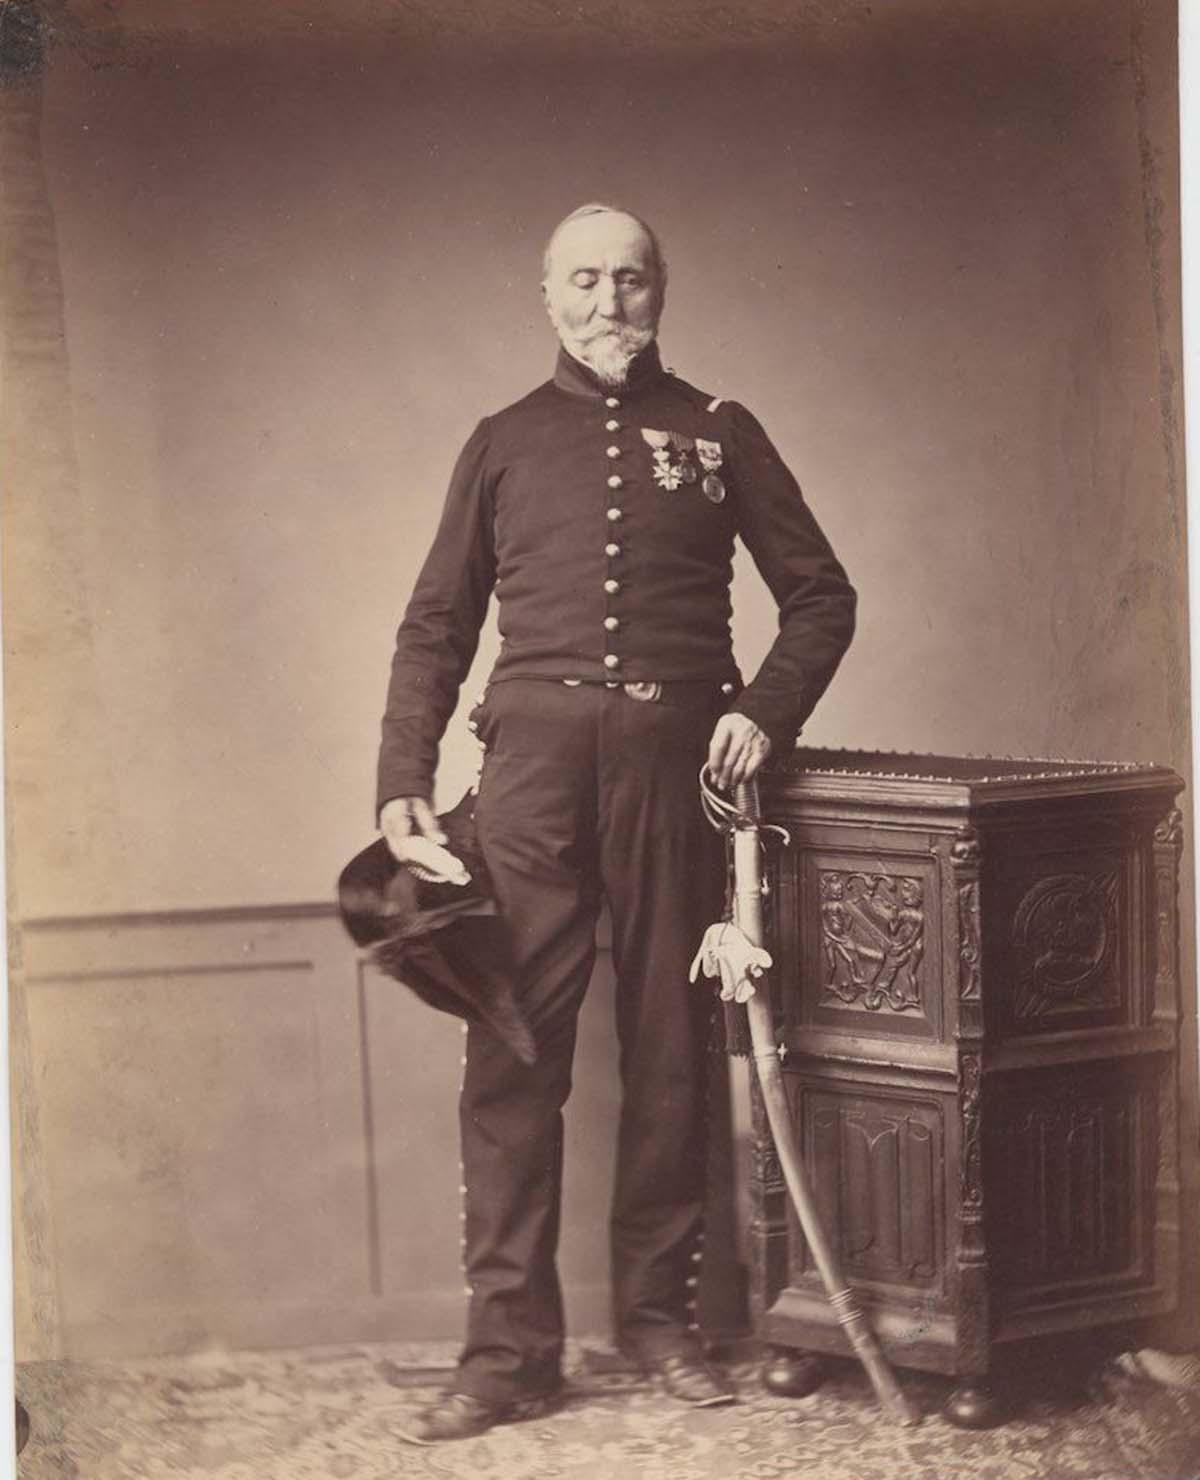 Monsieur Loria del 24º Regimiento de Chasseur Montado y un Caballero de la Legión de Honor, que parece haber perdido su ojo derecho.